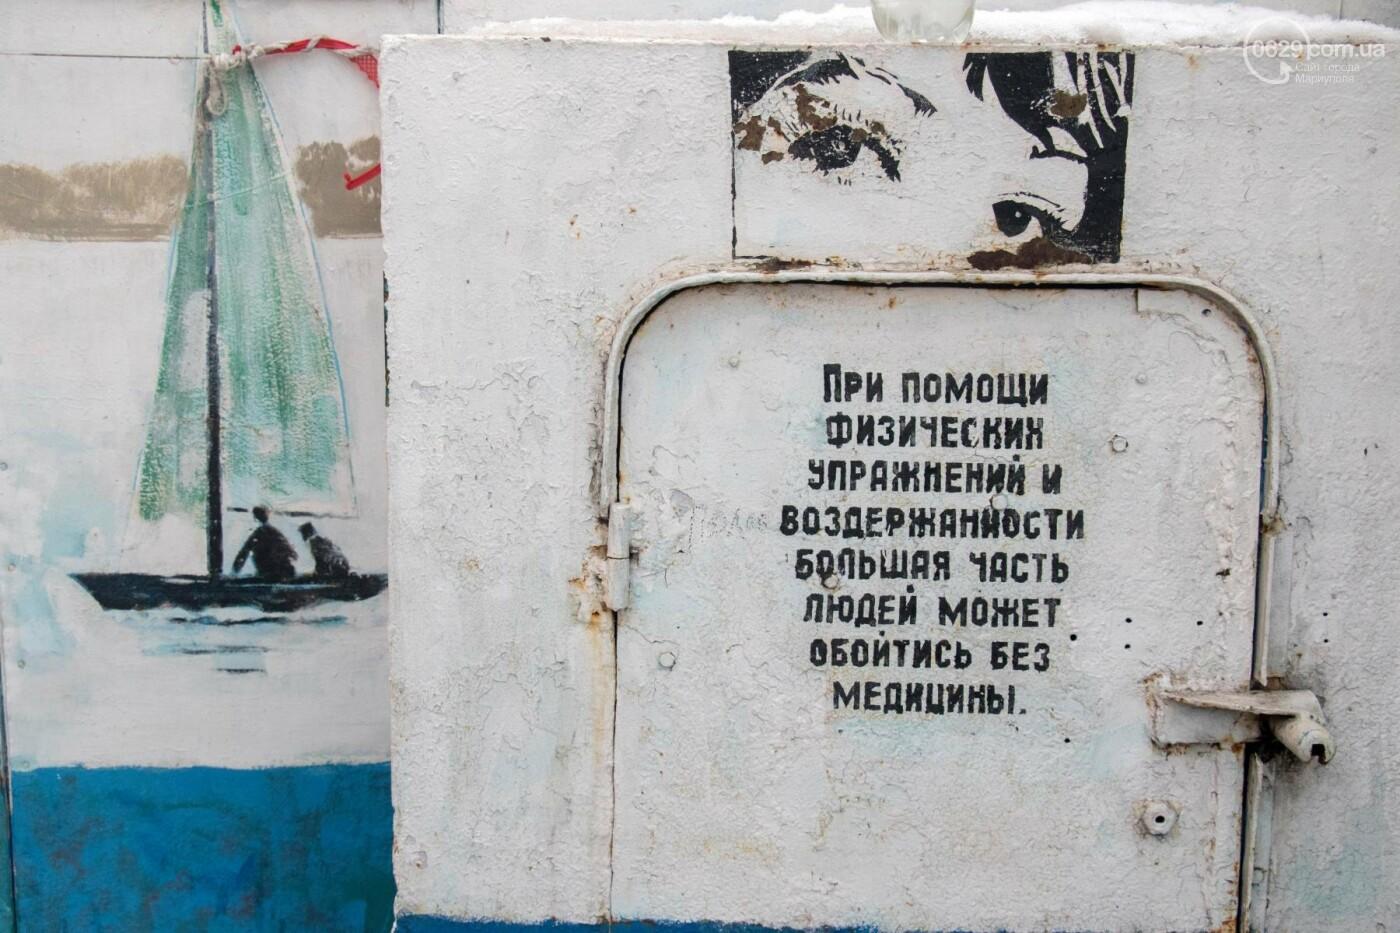 Голые и освященные: крещенский фоторепортаж 0629.com.ua, фото-30